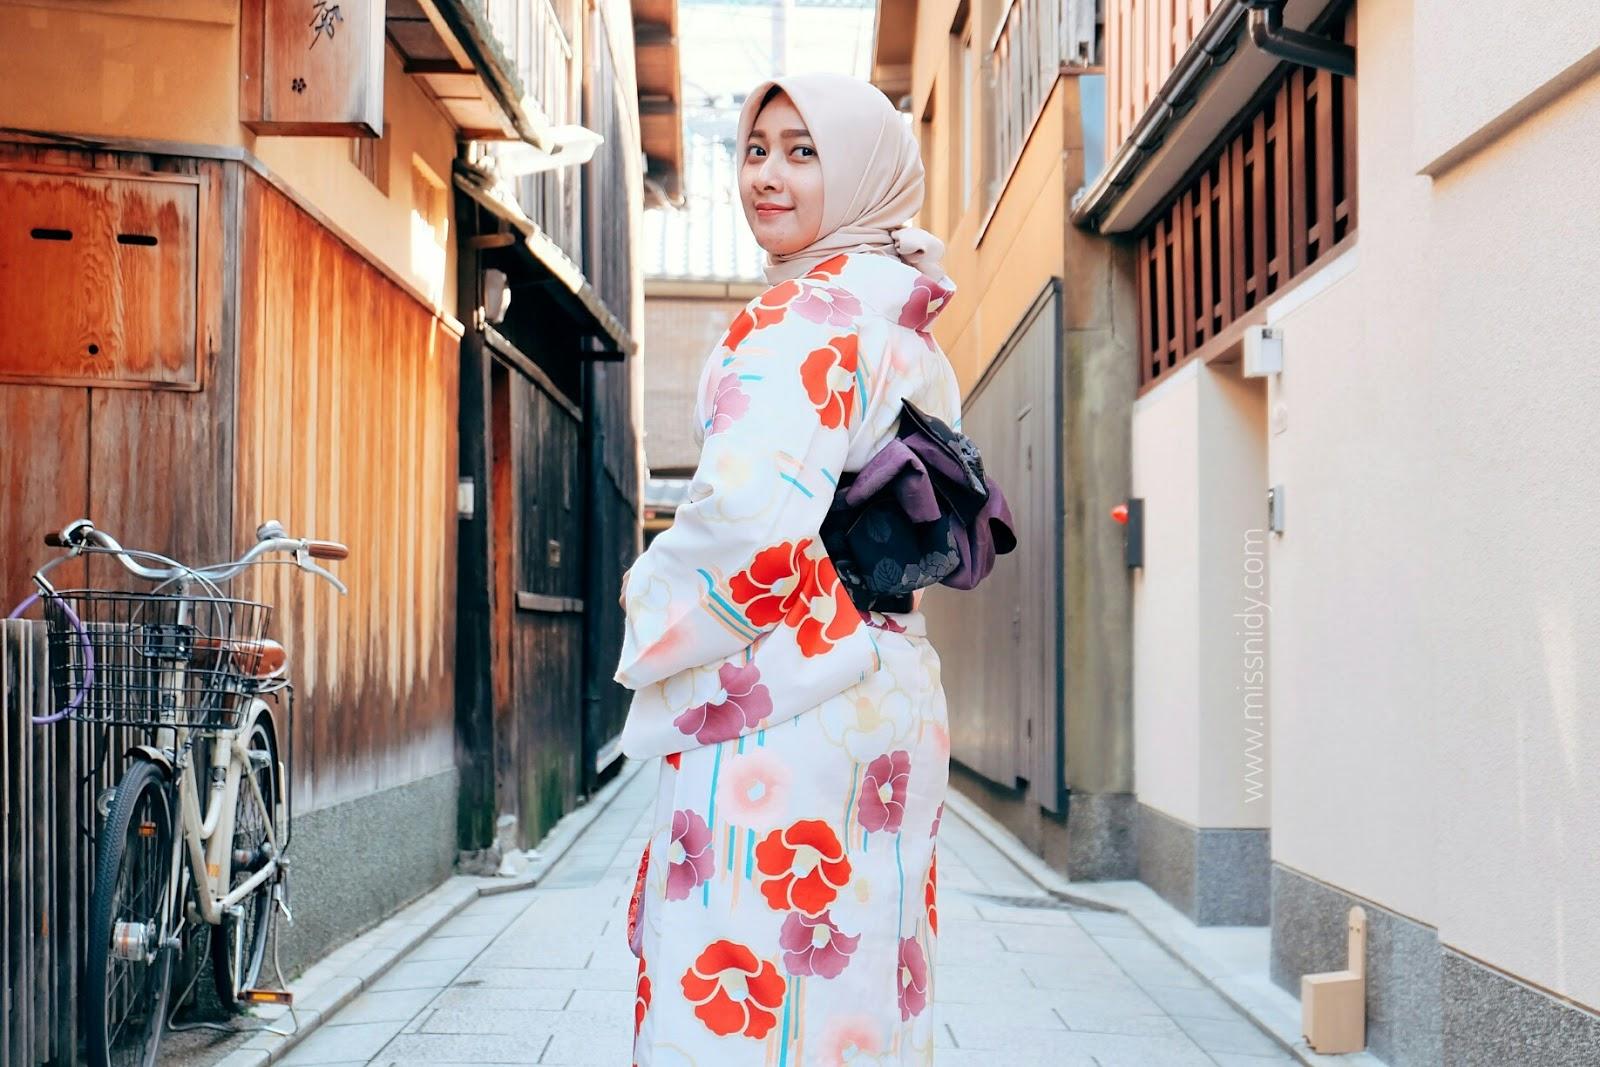 sewa kimono di kyoto untuk hijaber